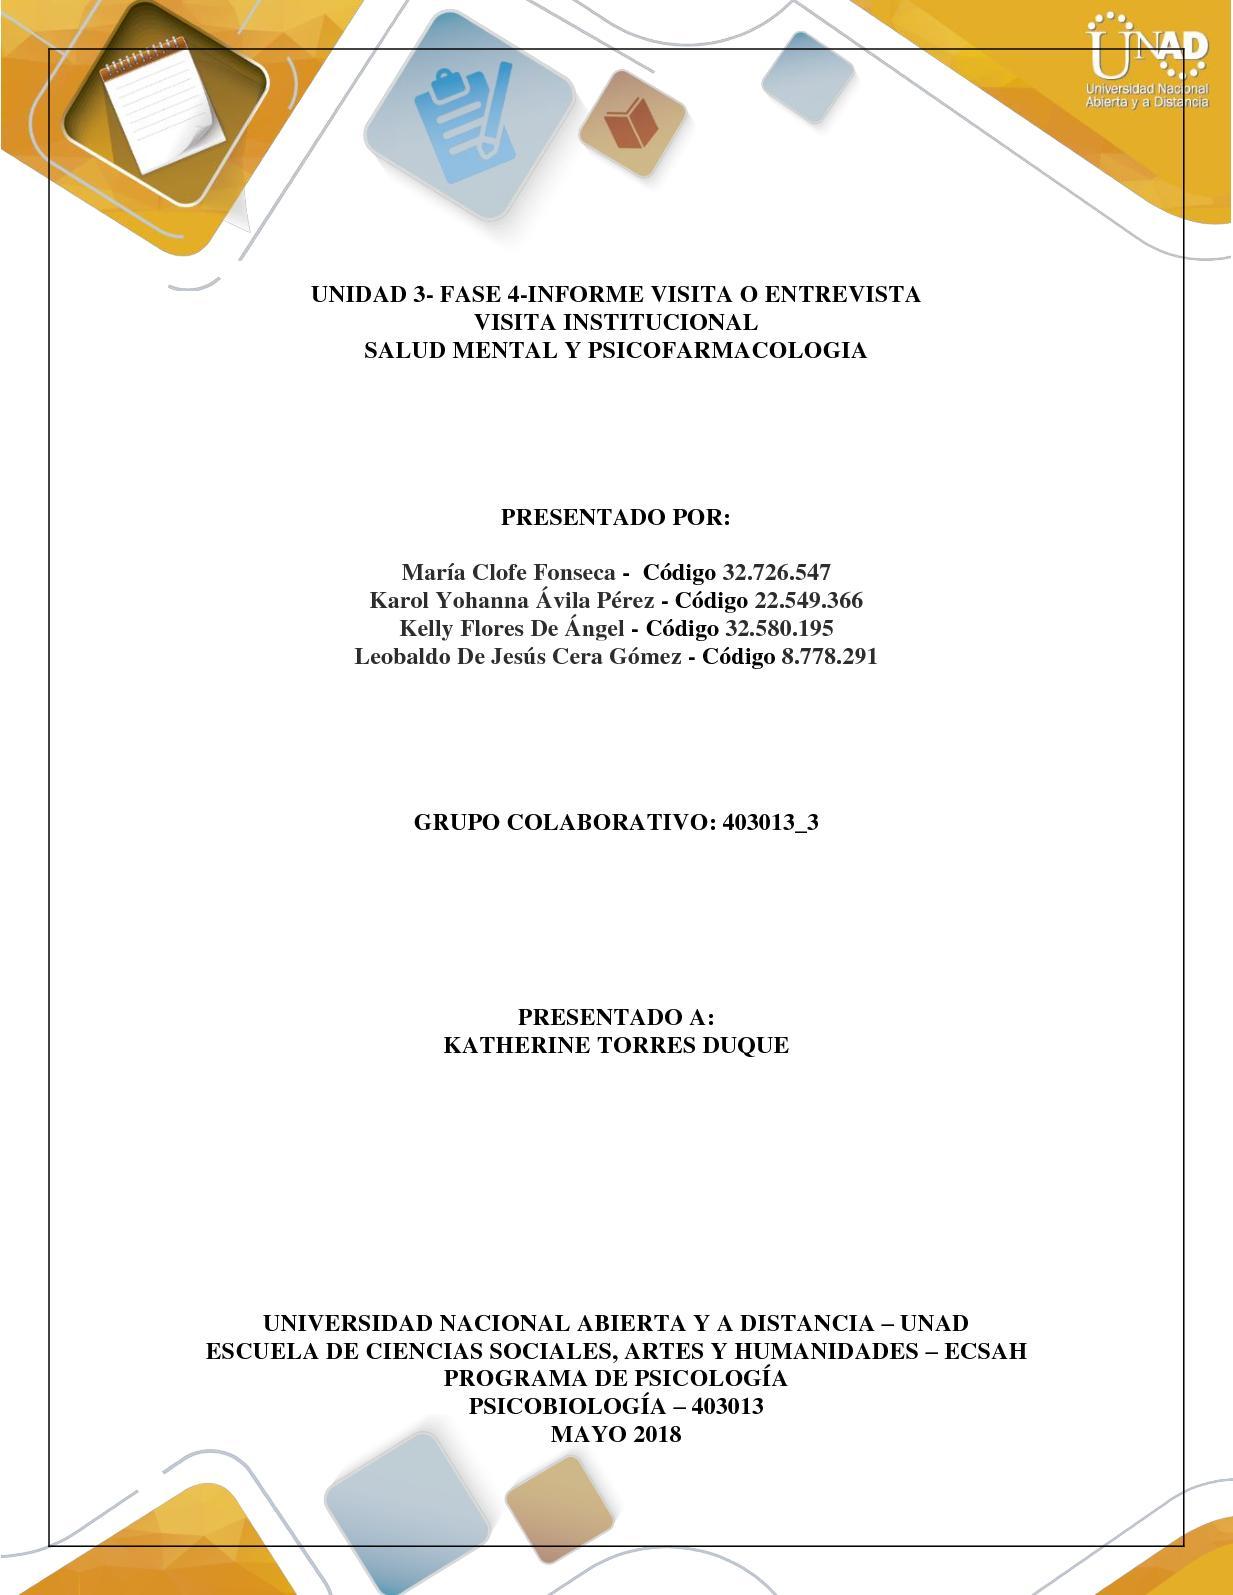 Fase 4 Informe Visita O Entrevista Gc 403013 3